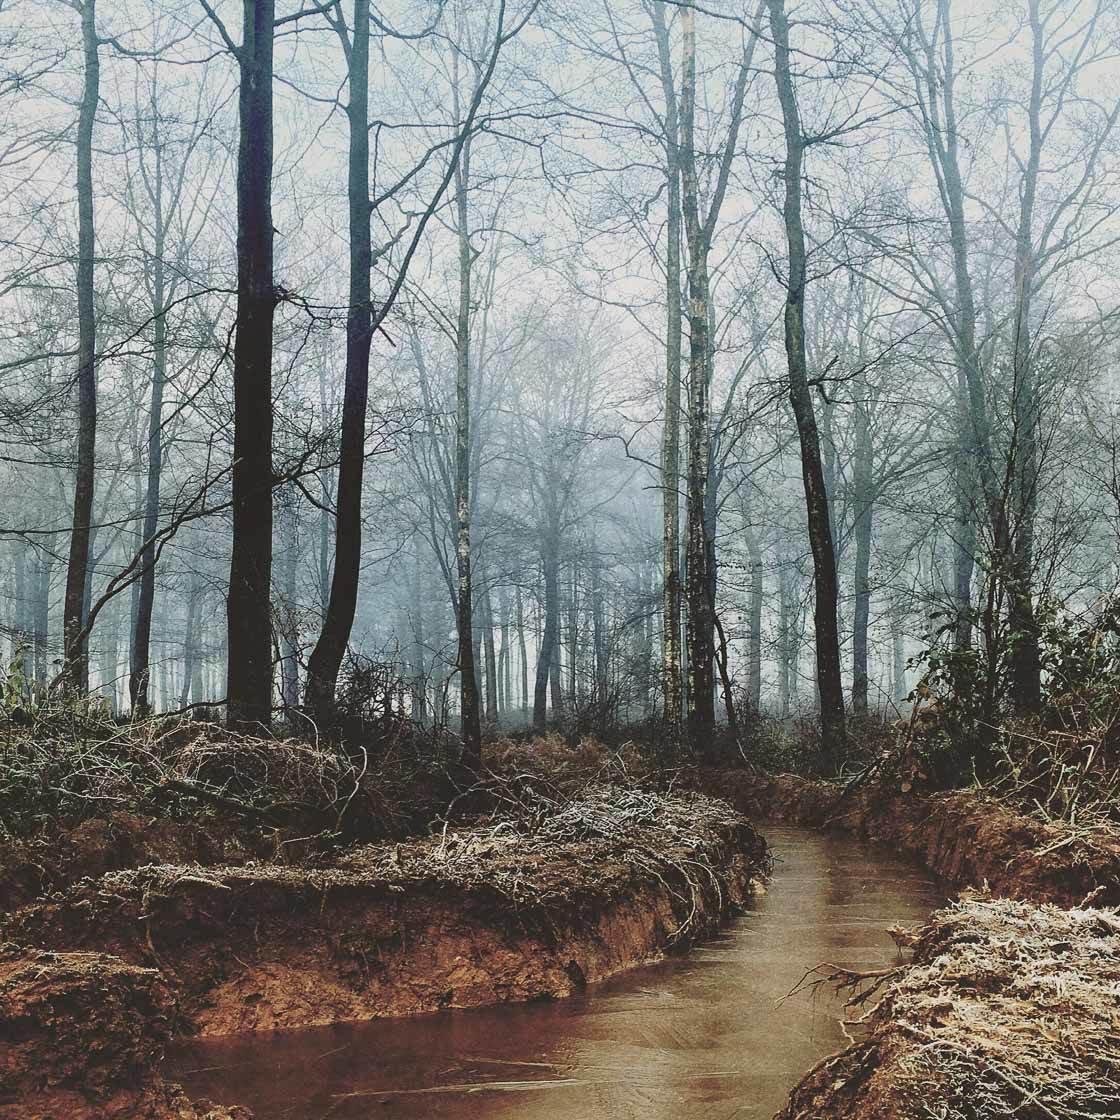 Landscape photography 20 no script